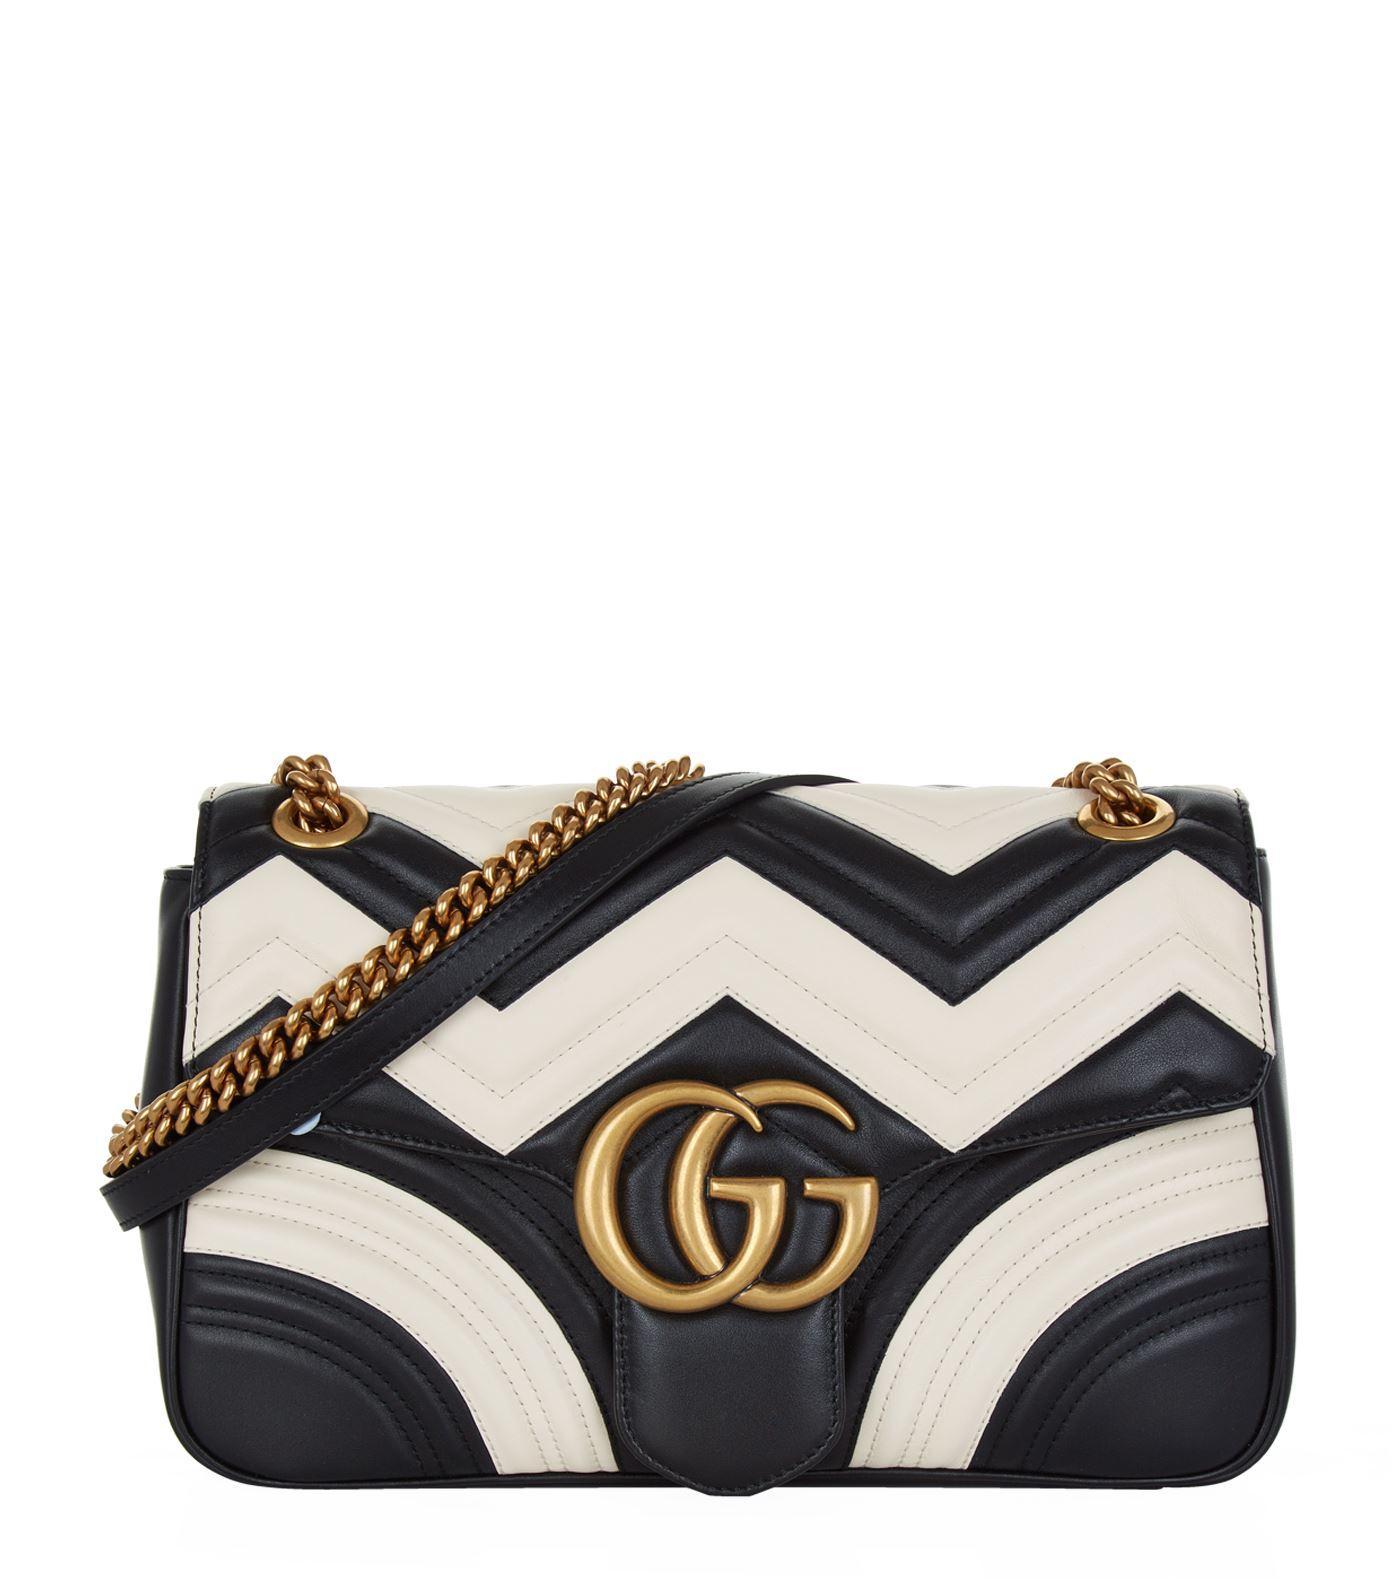 c2cbea9f52e9 Gucci Medium Gg Marmont 2.0 Leather Shoulder Bag - White In Eero ...